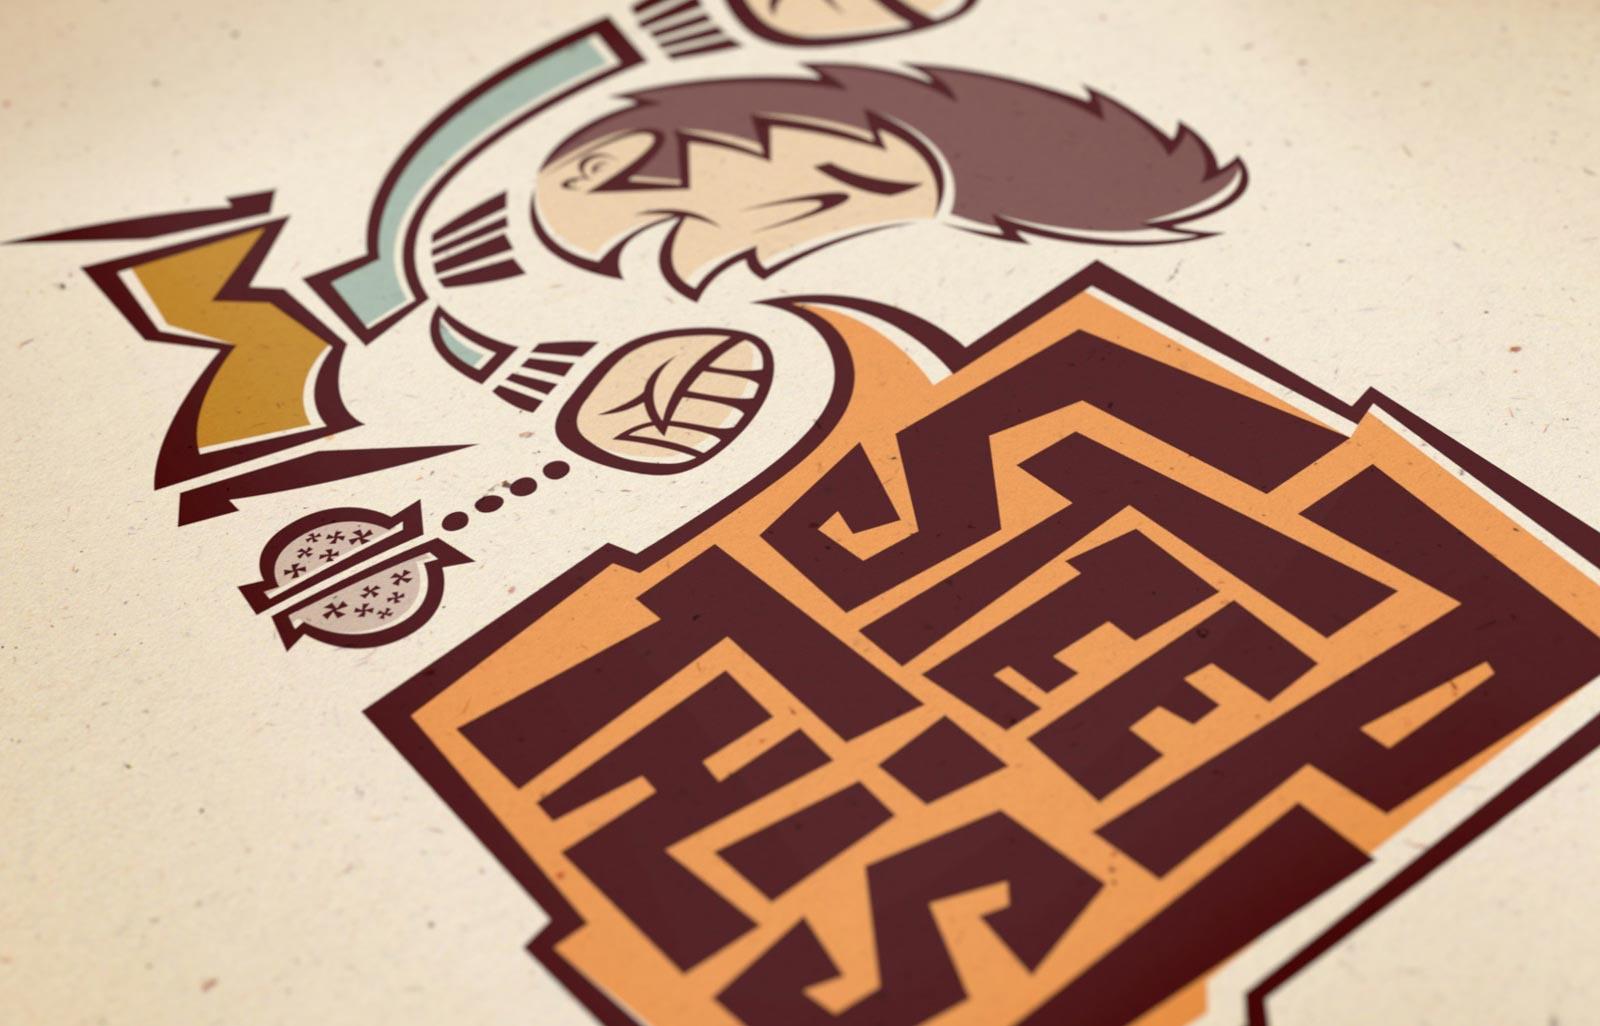 Steep This! main logo detail